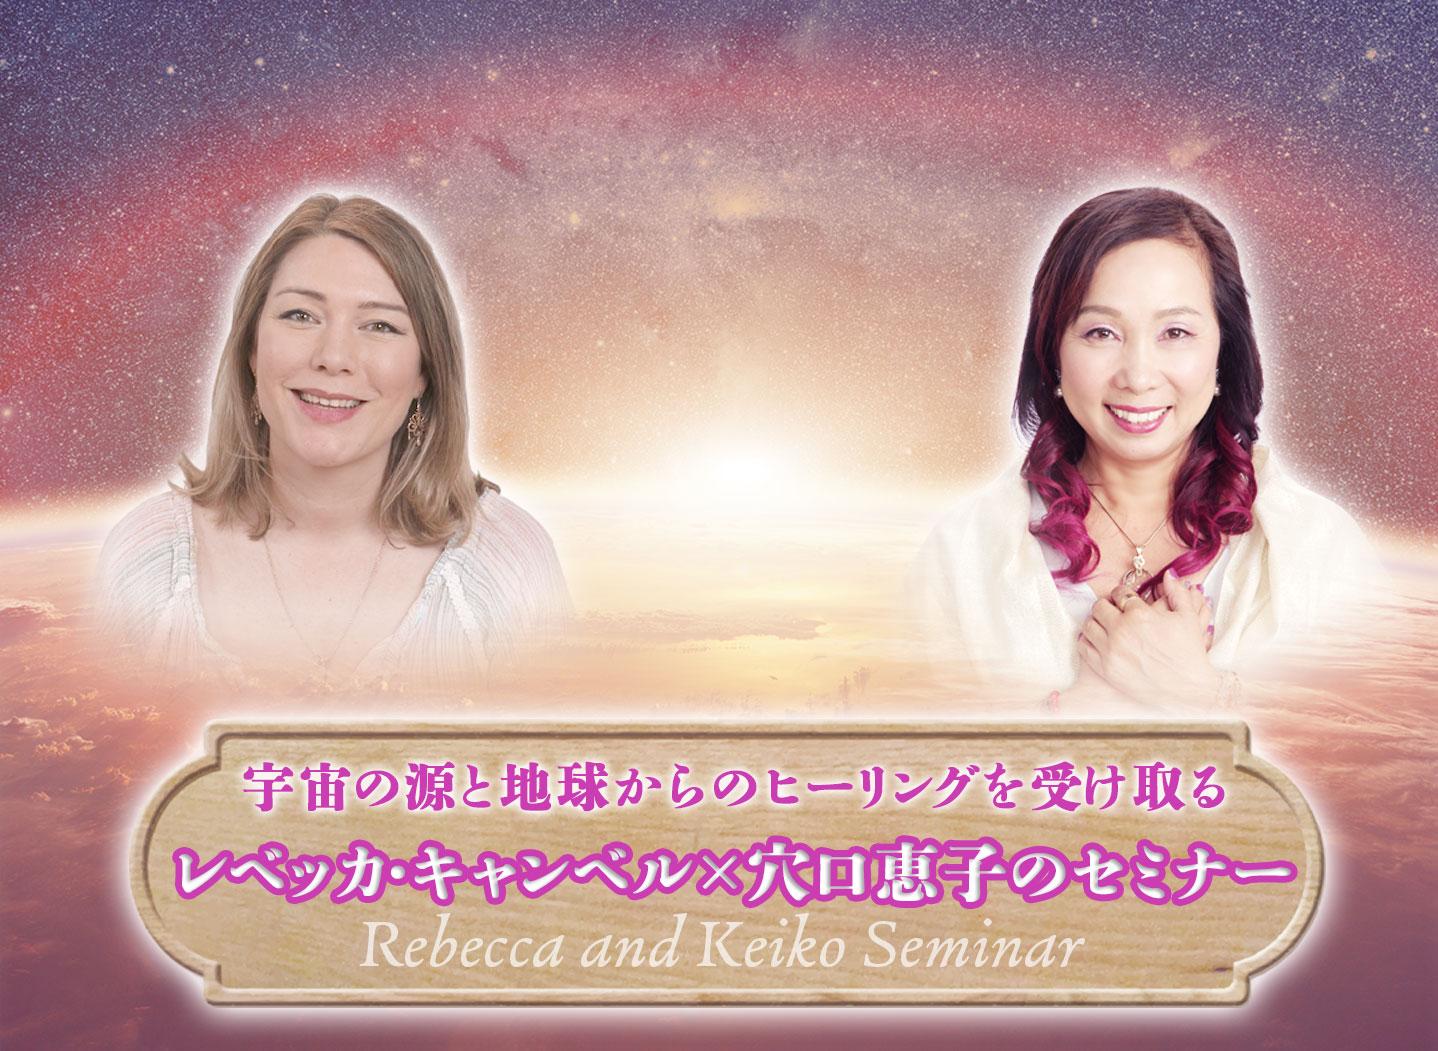 宇宙の源と地球からのヒーリングを受け取る  レベッカ・キャンベル×穴口恵子のセミナー